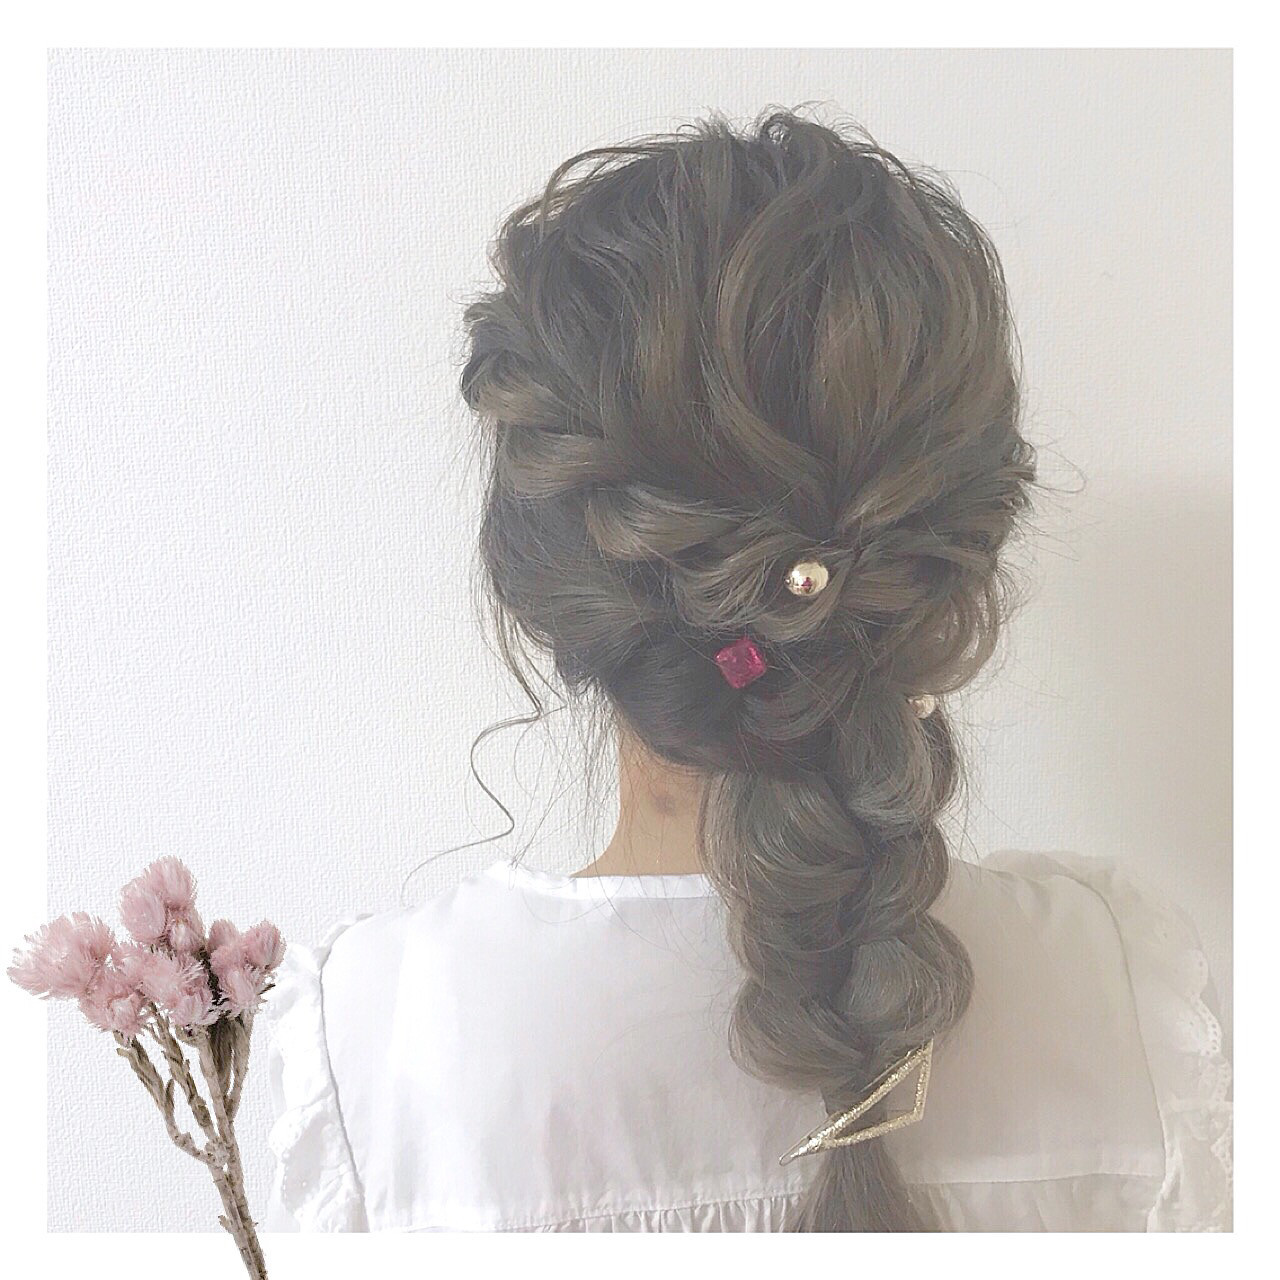 セミロング フェミニン 結婚式 アンニュイほつれヘア ヘアスタイルや髪型の写真・画像